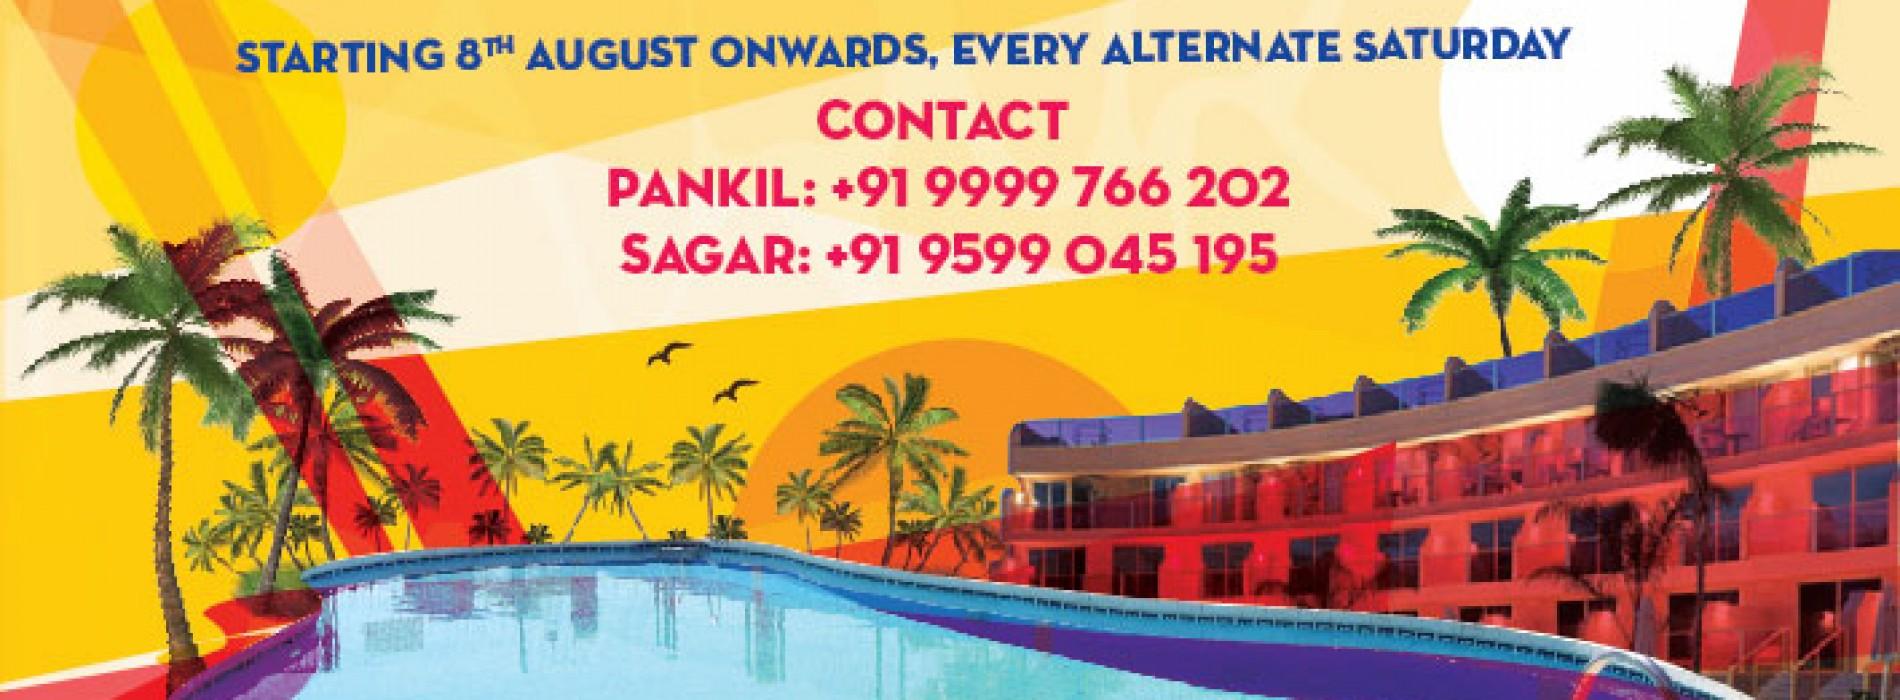 Weekend Getaway & pool party events in delhi